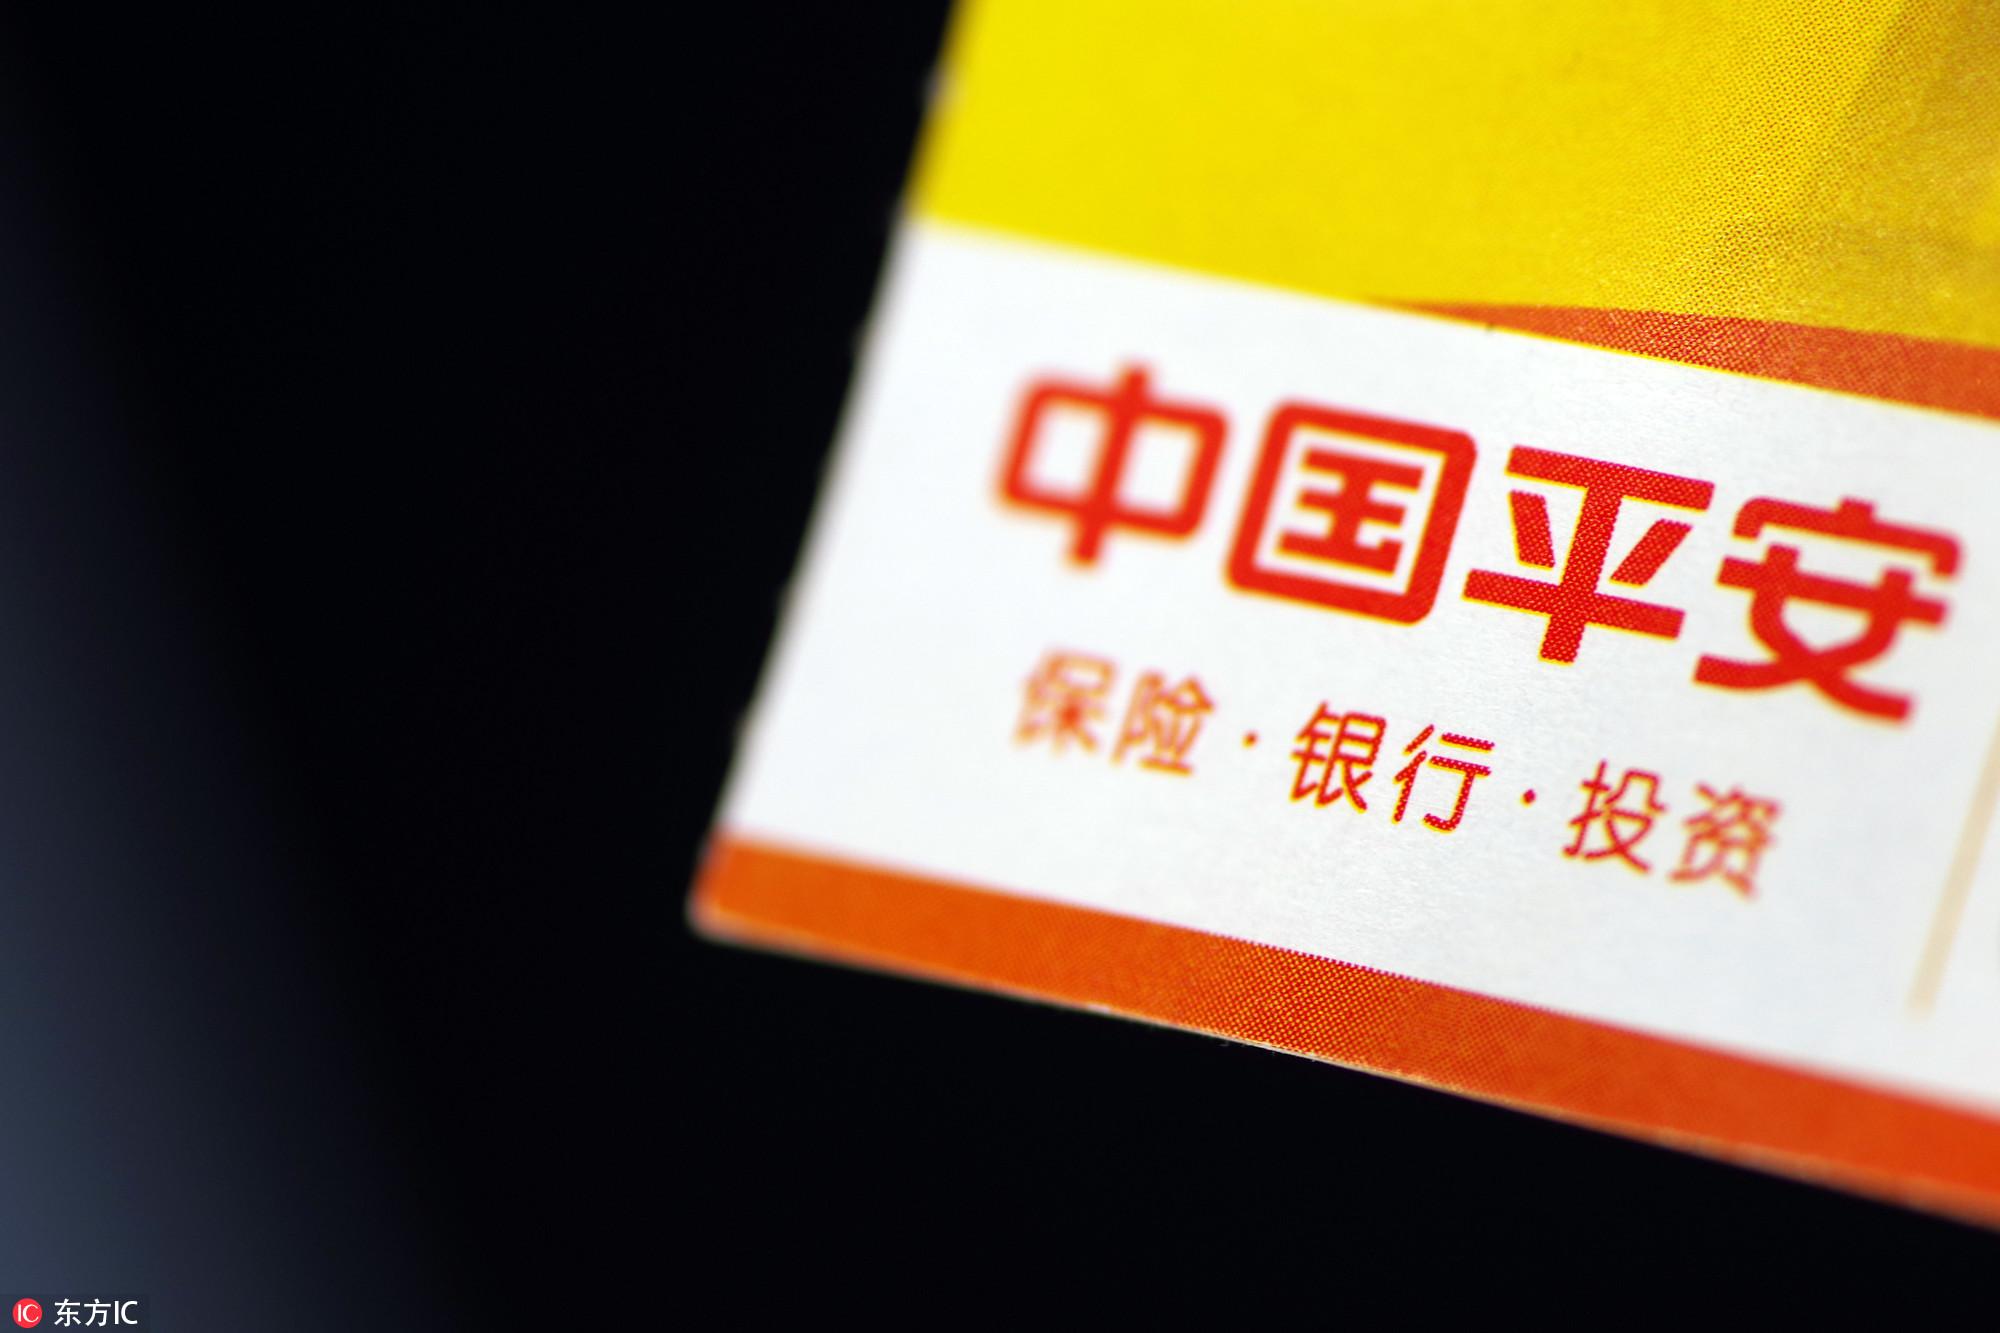 业绩超预期!中国平安2018年归母净利润同比增长20.6%,首次实施回购股份的方案